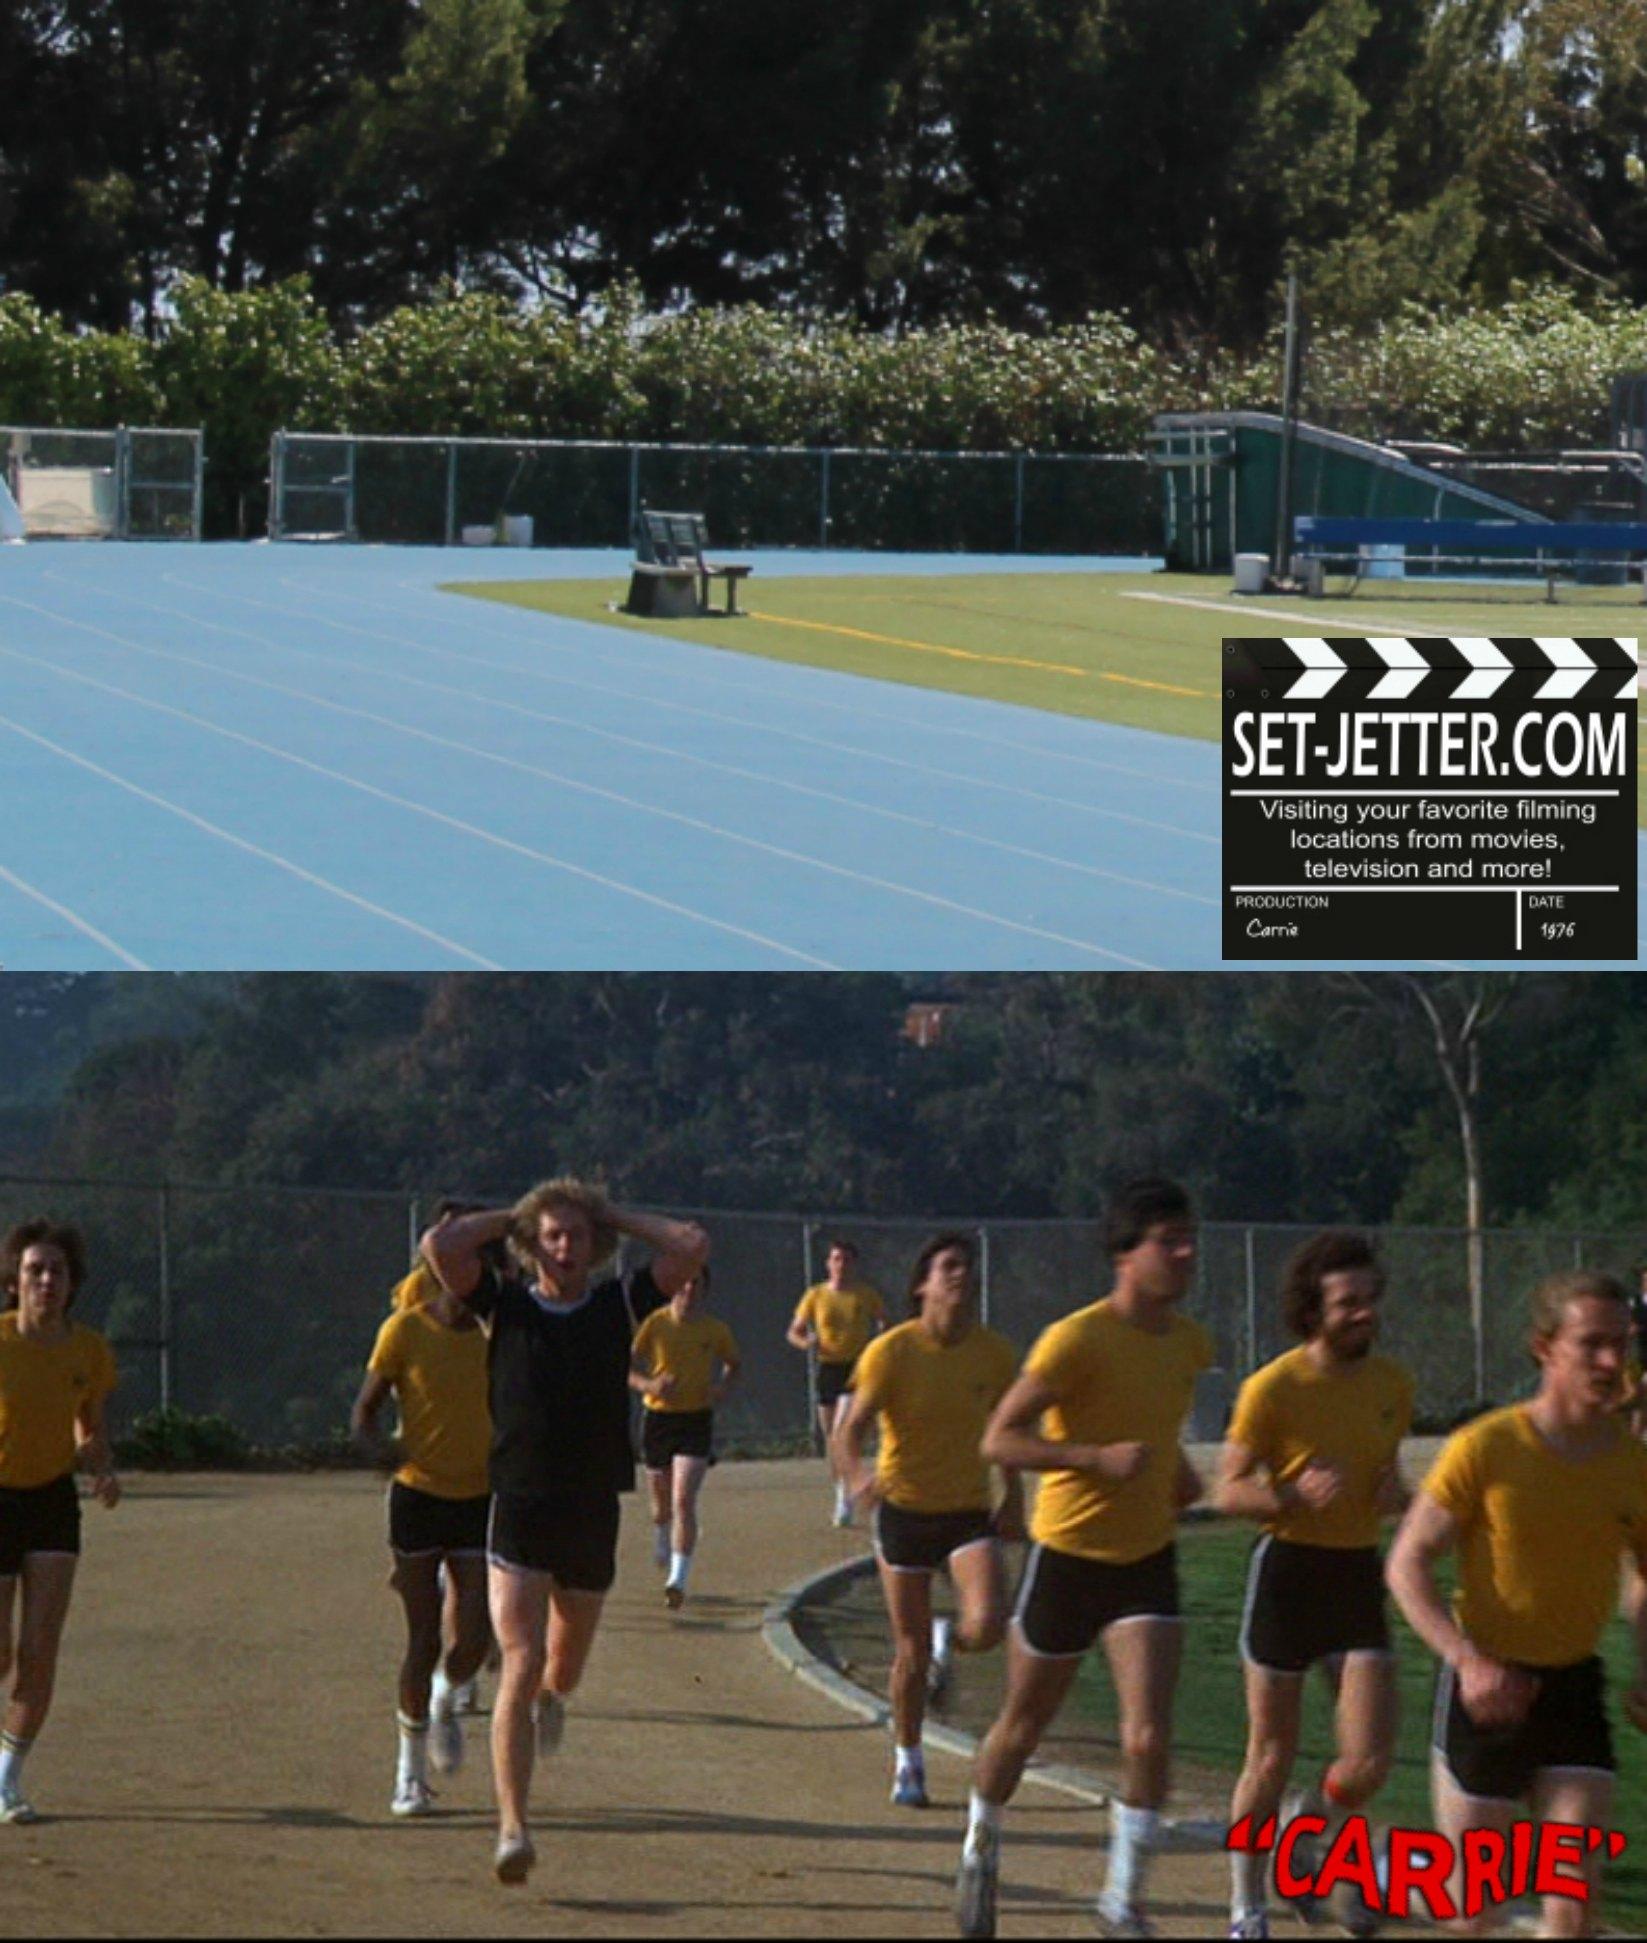 carrie school field 15.jpg